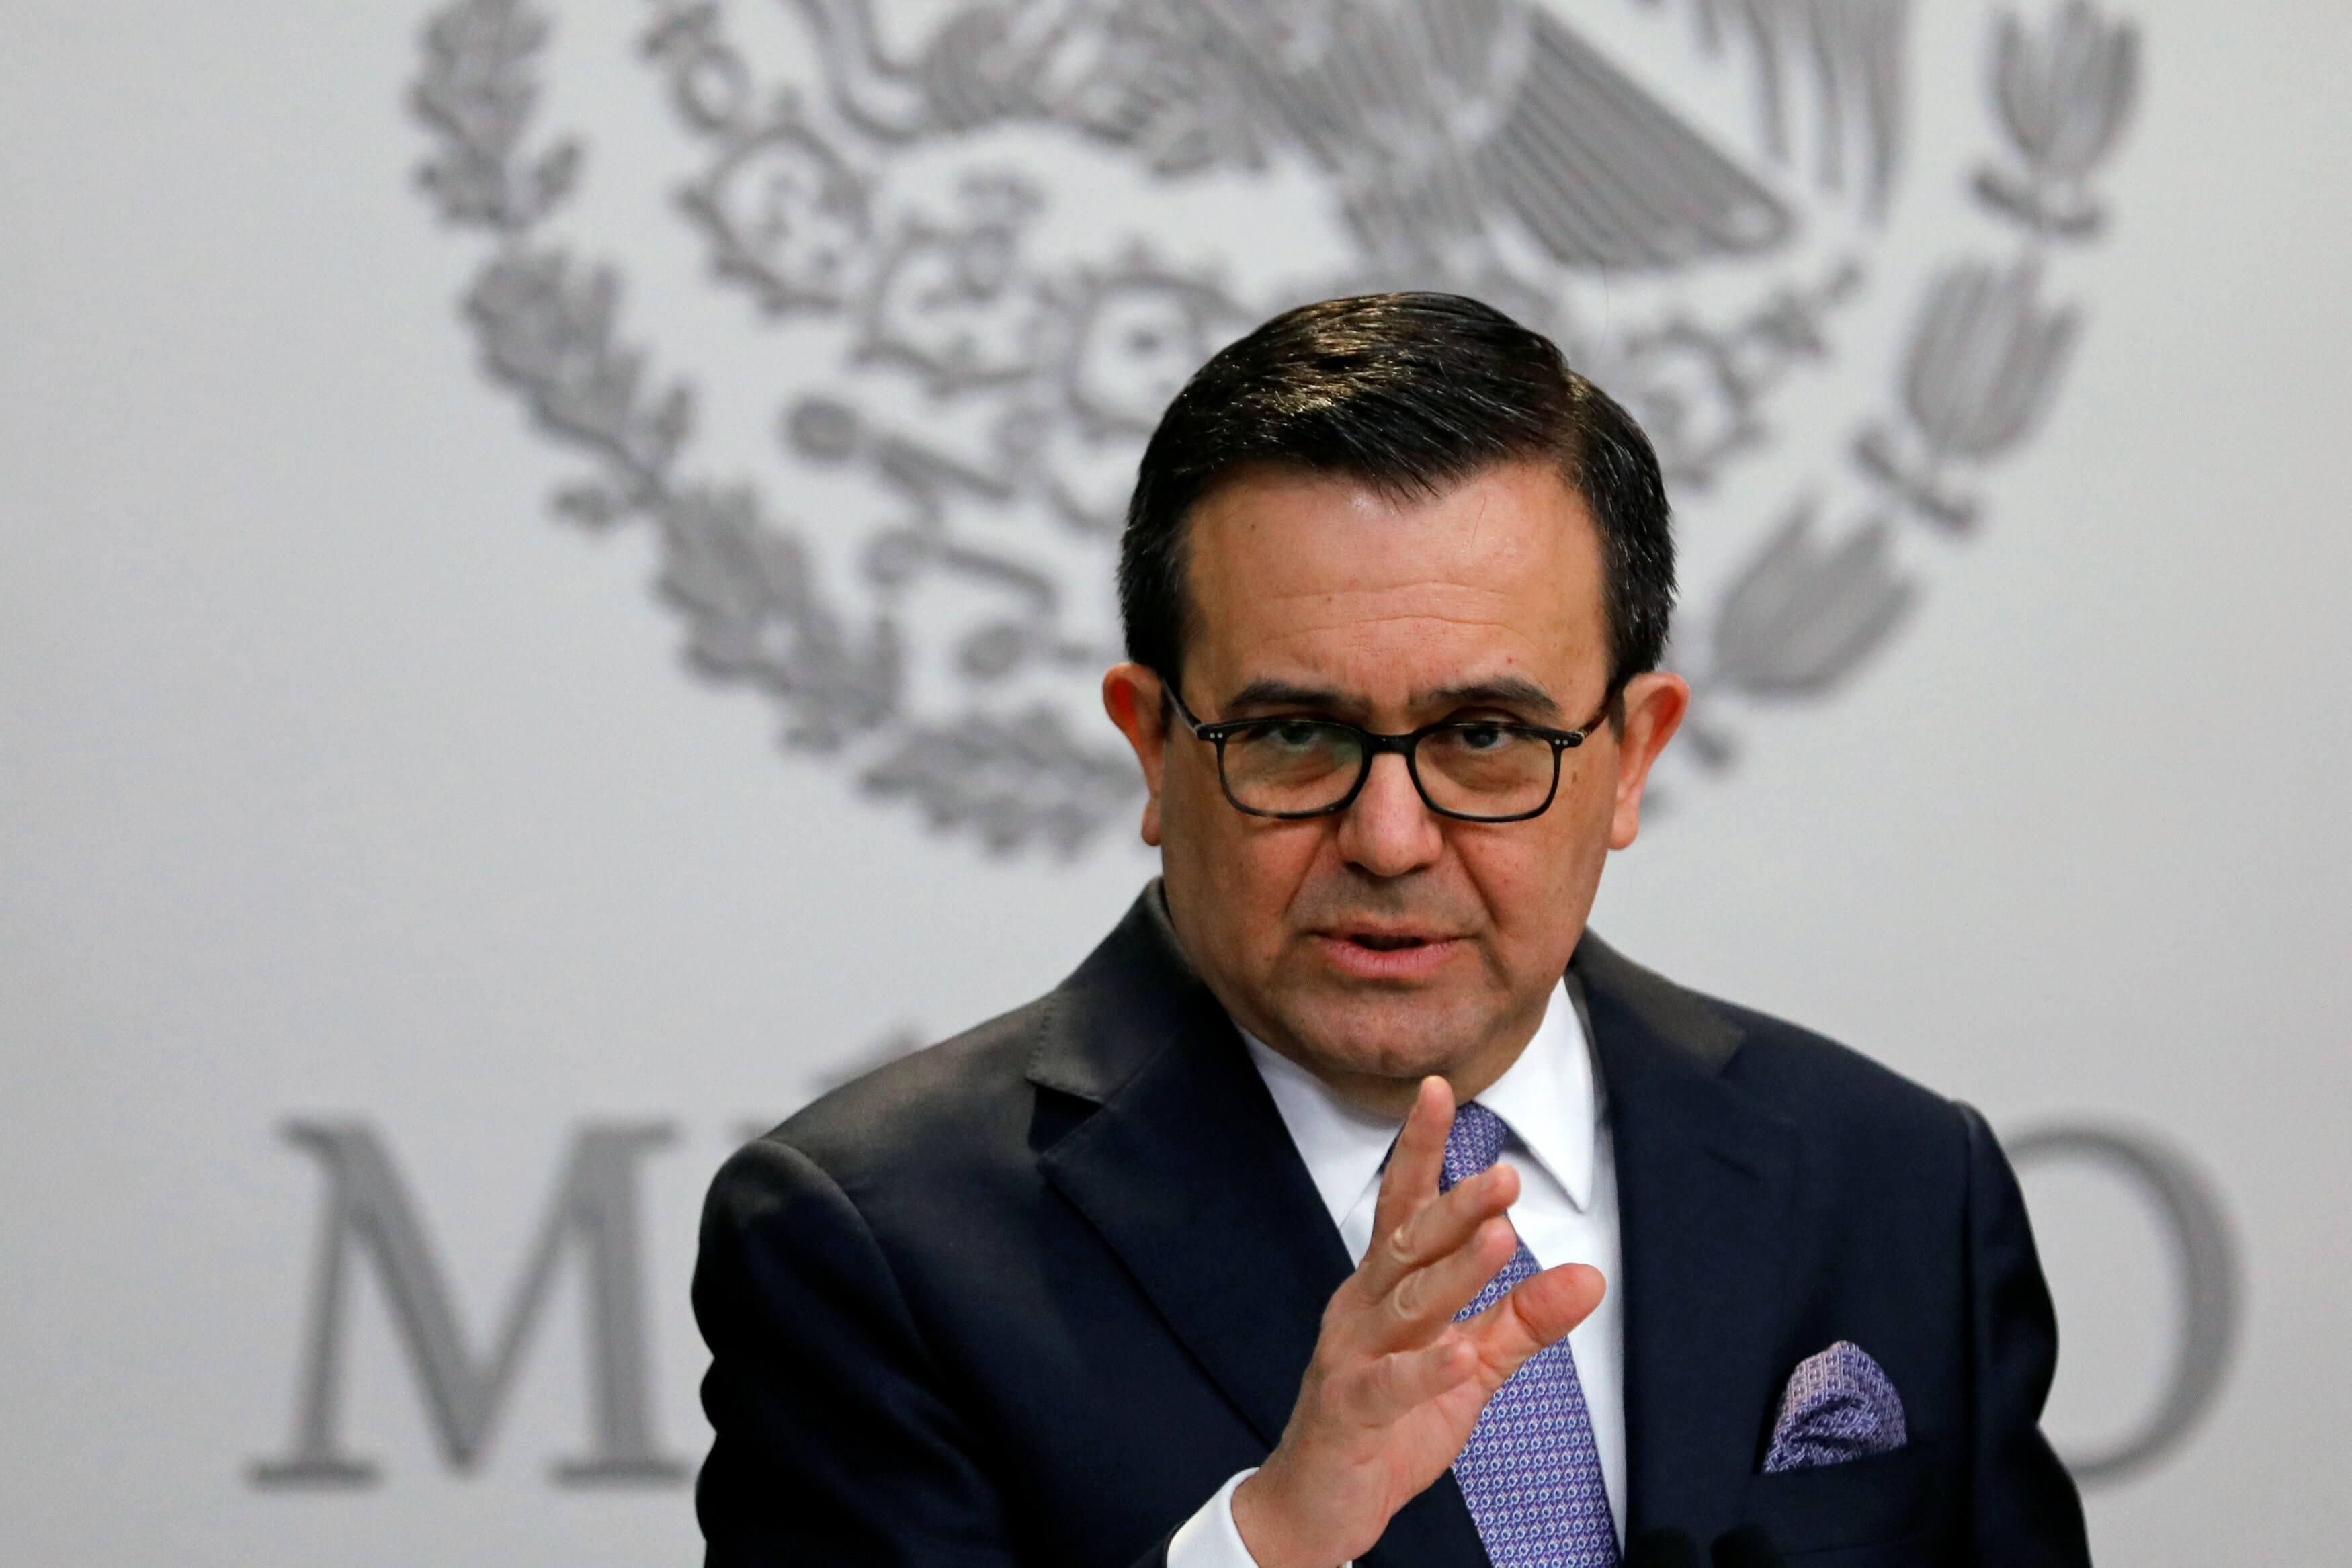 La cumbre del G20 insistirá con la apertura del comercio mundial